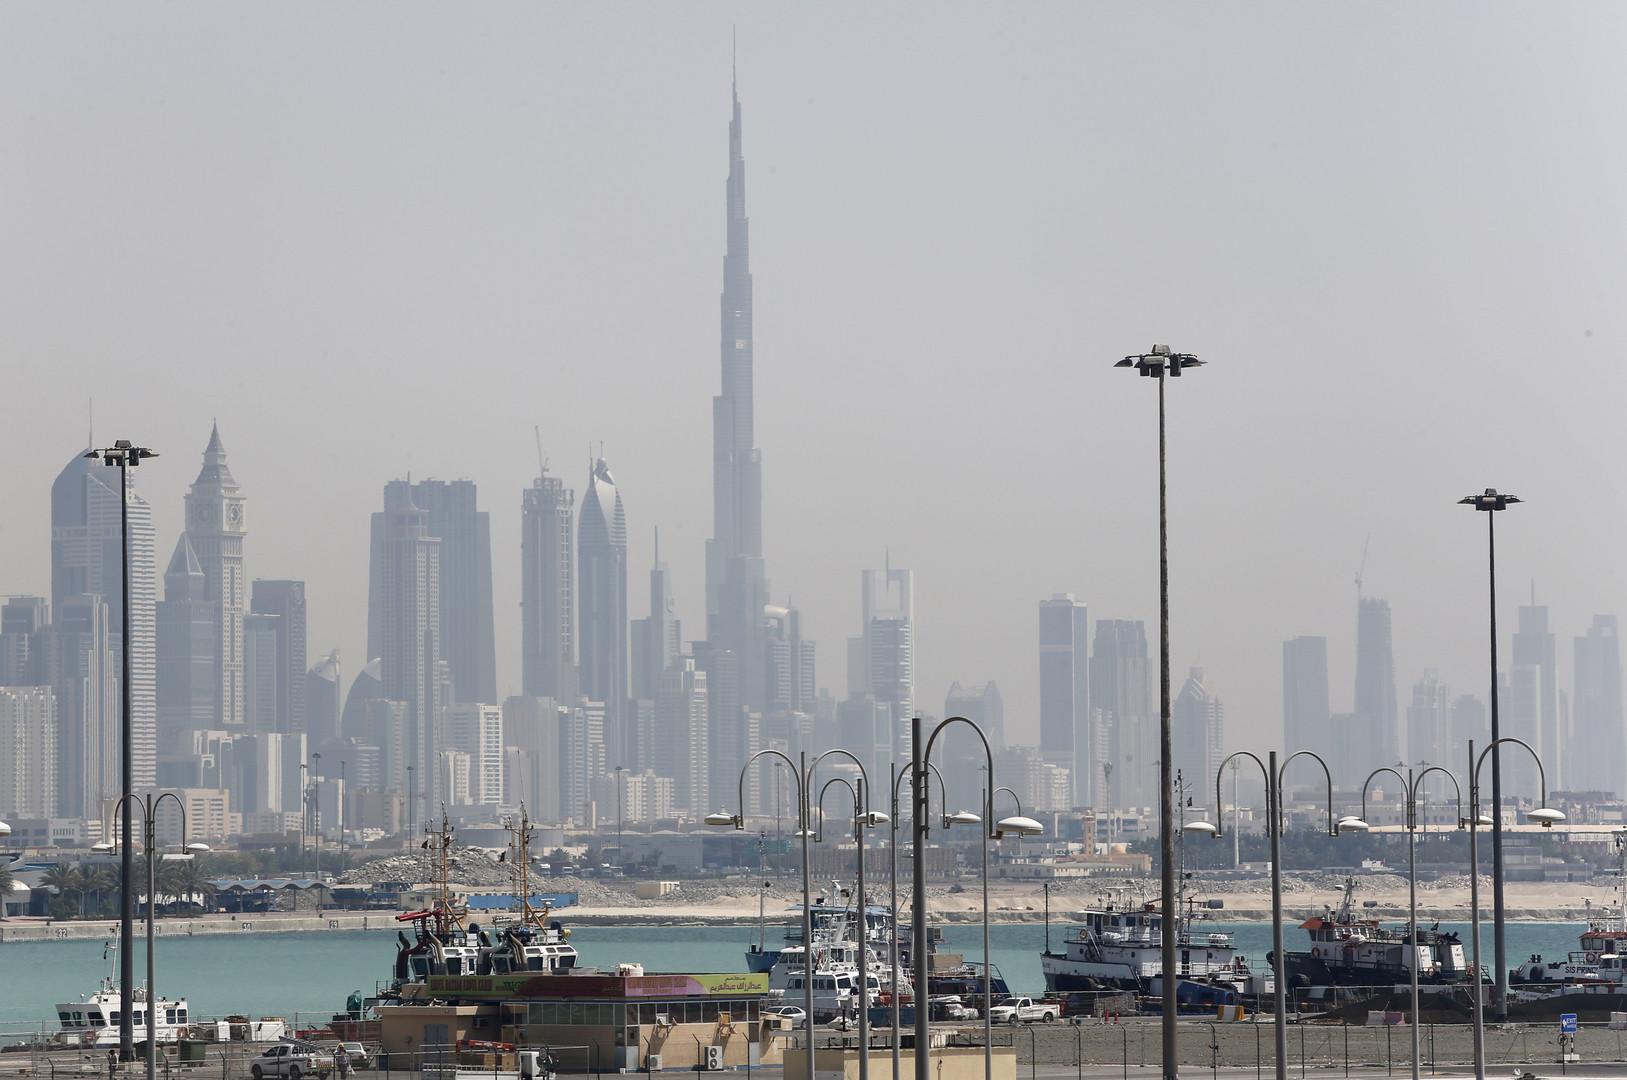 رويترز تنقل عن مصادر محلية وغربية ما حدث في الإمارات بعد استهداف ناقلات النفط